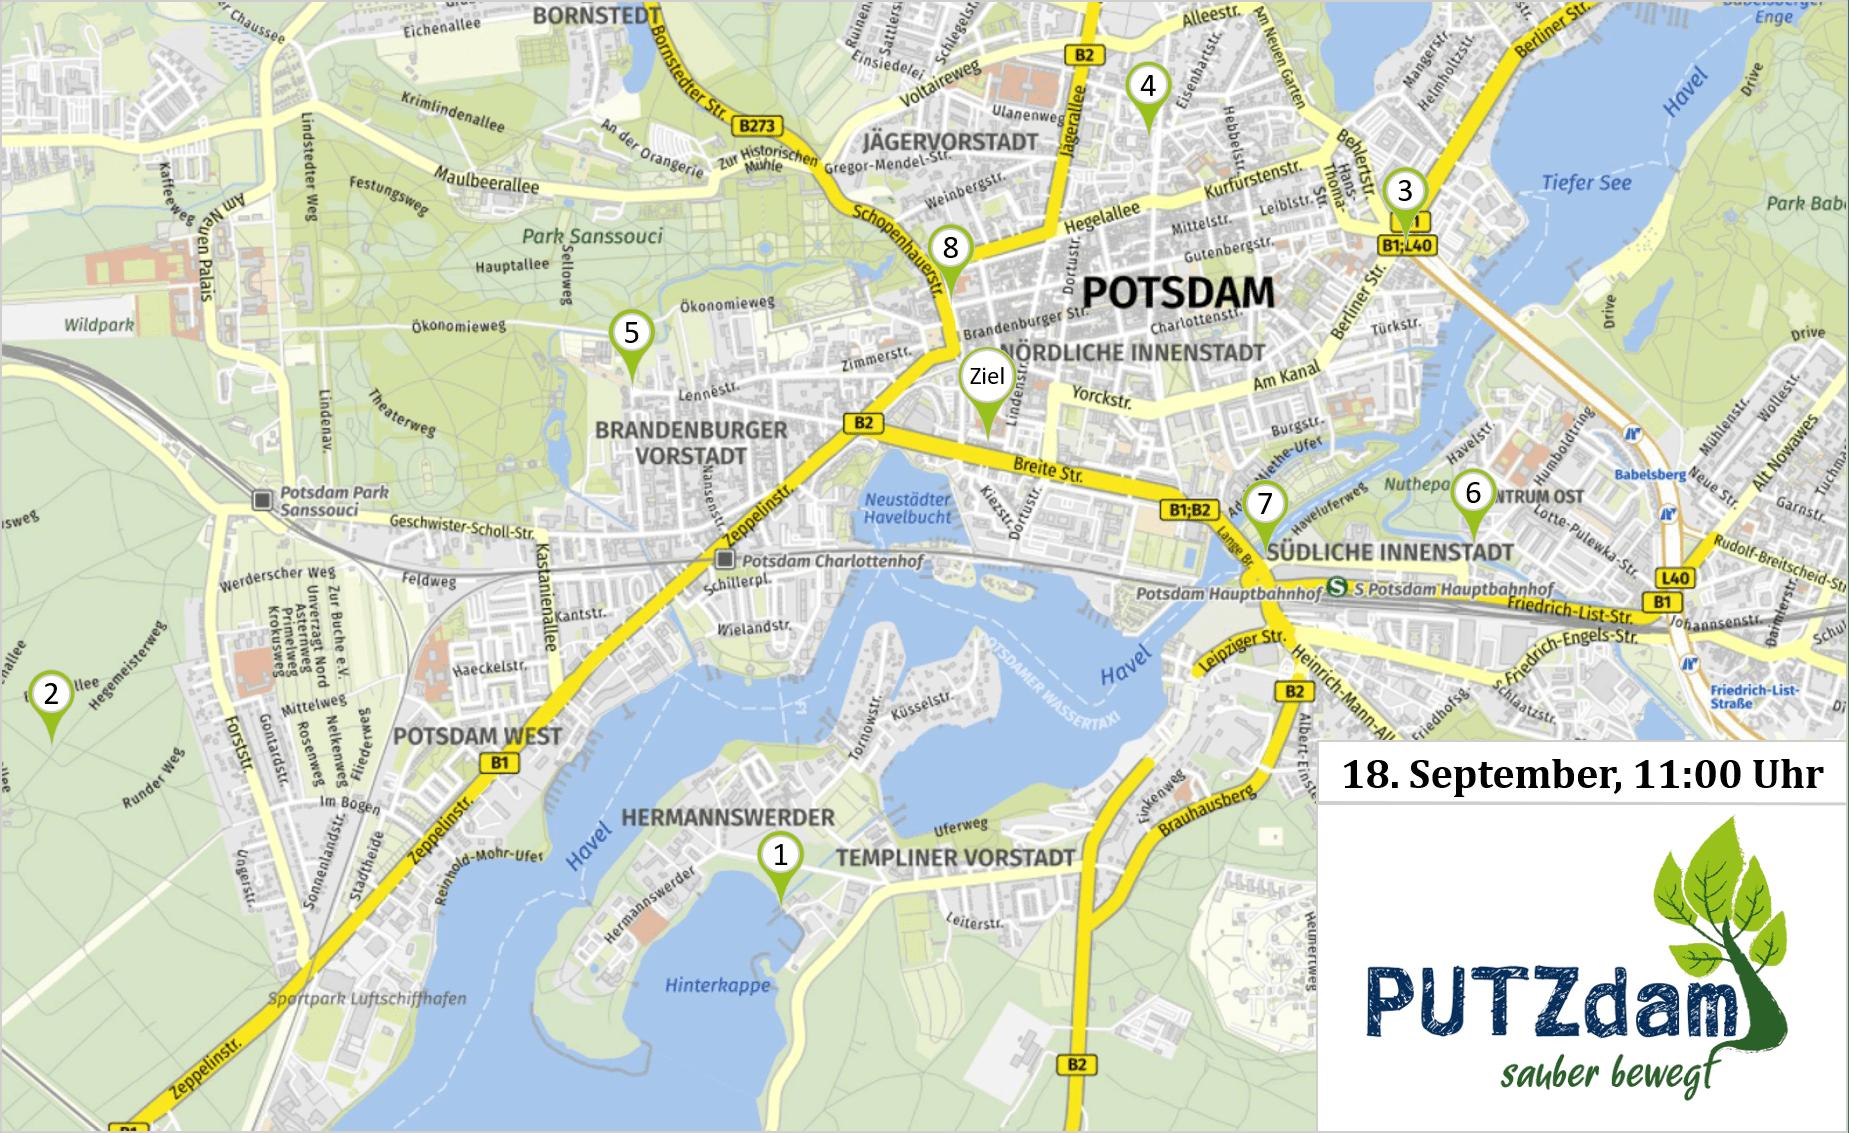 PUTZdam, Potzdam (Brandenburg)